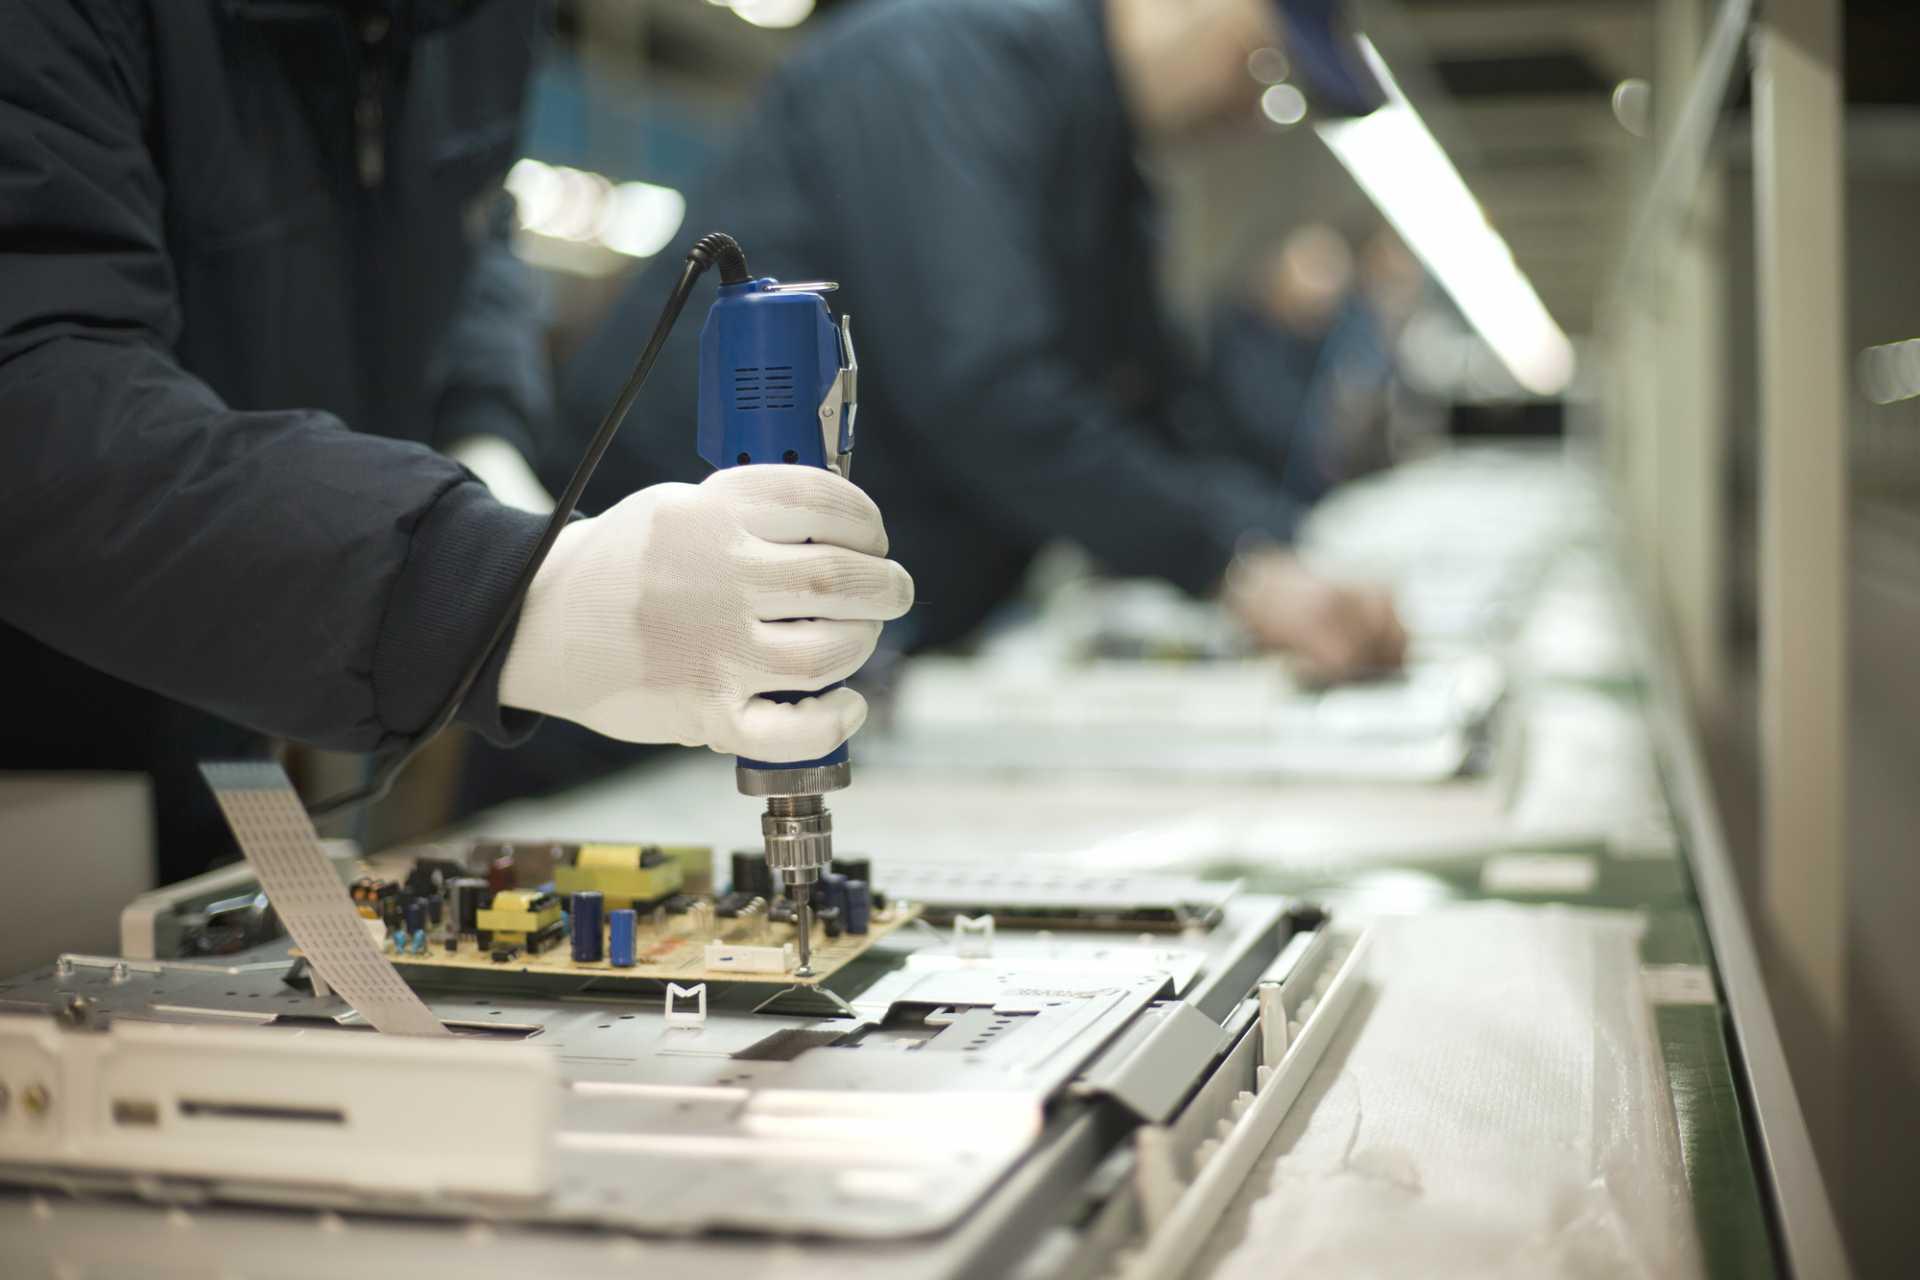 Skills Gap - Production Line Stock UK Electronics Sector - image courtesy of Depositphotos